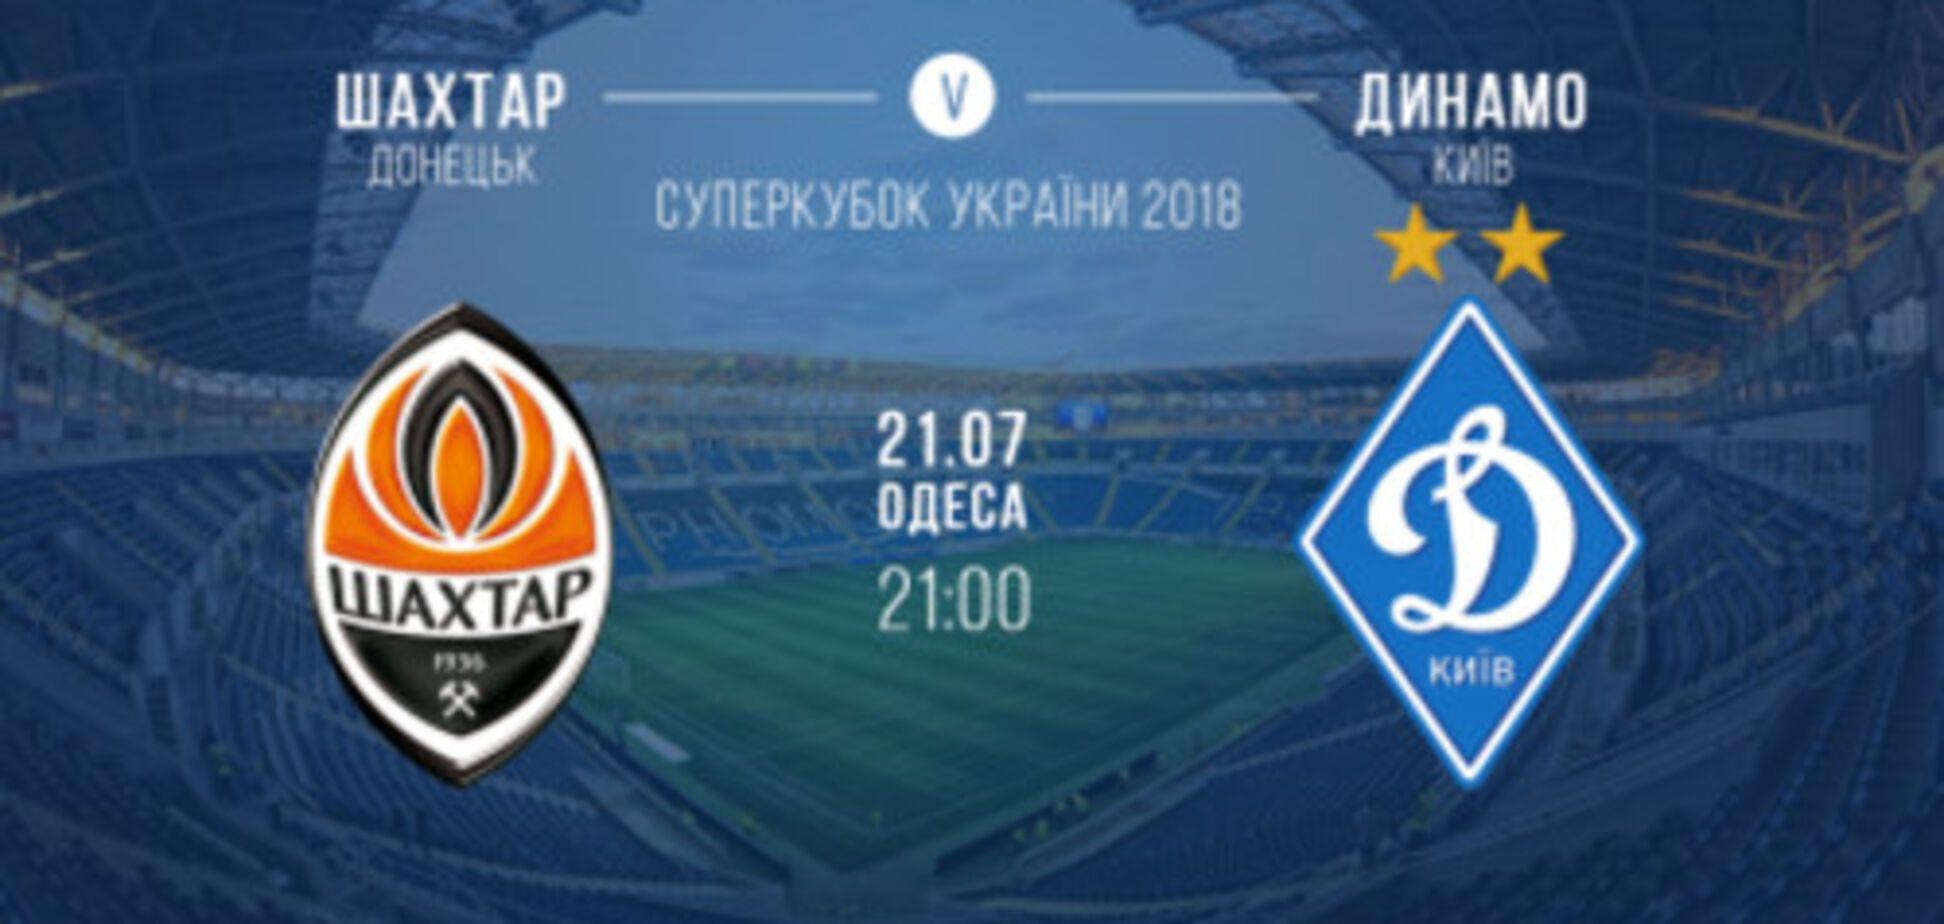 Суперкубок-2018: в Одесі планується аншлаг на матчі 'Шахтар' - 'Динамо'